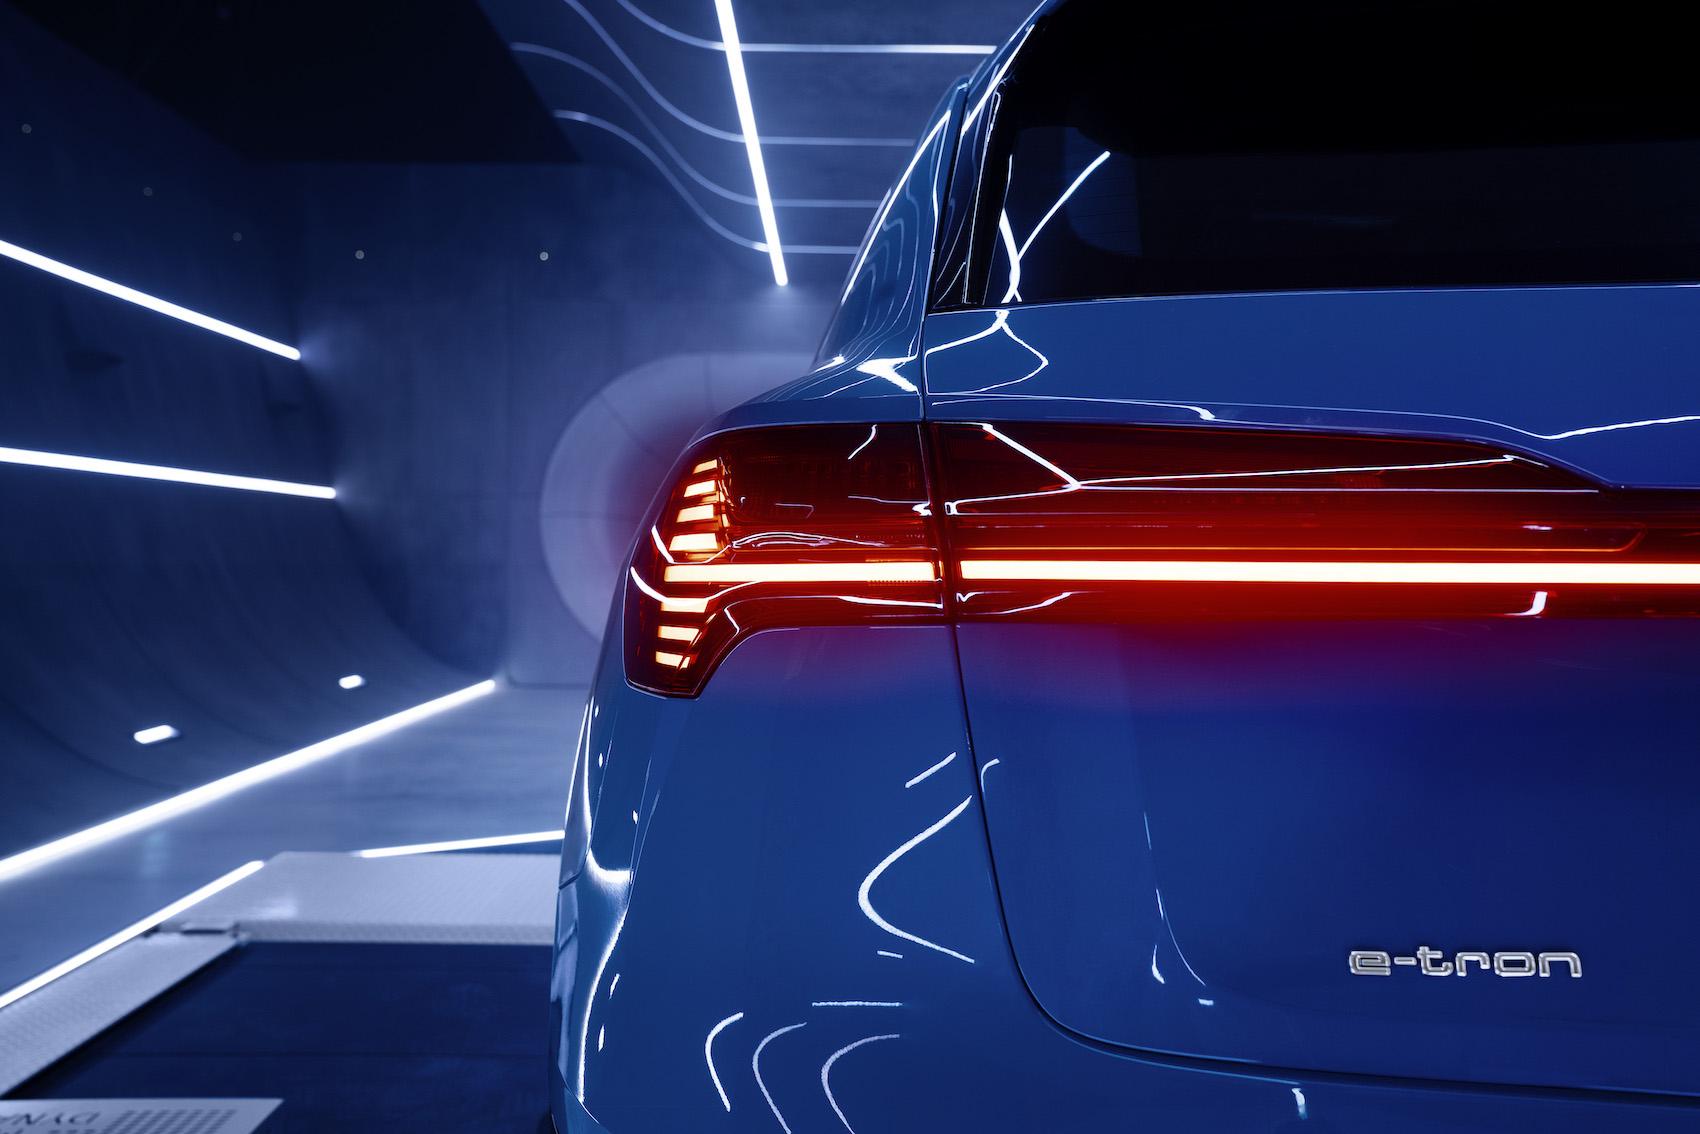 Der Audi e-tron kann beim Bremsen mehr als 70 Prozent der Antriebsleistung zurückgewinnen. So viel schafft kein anderes Serienmodell.